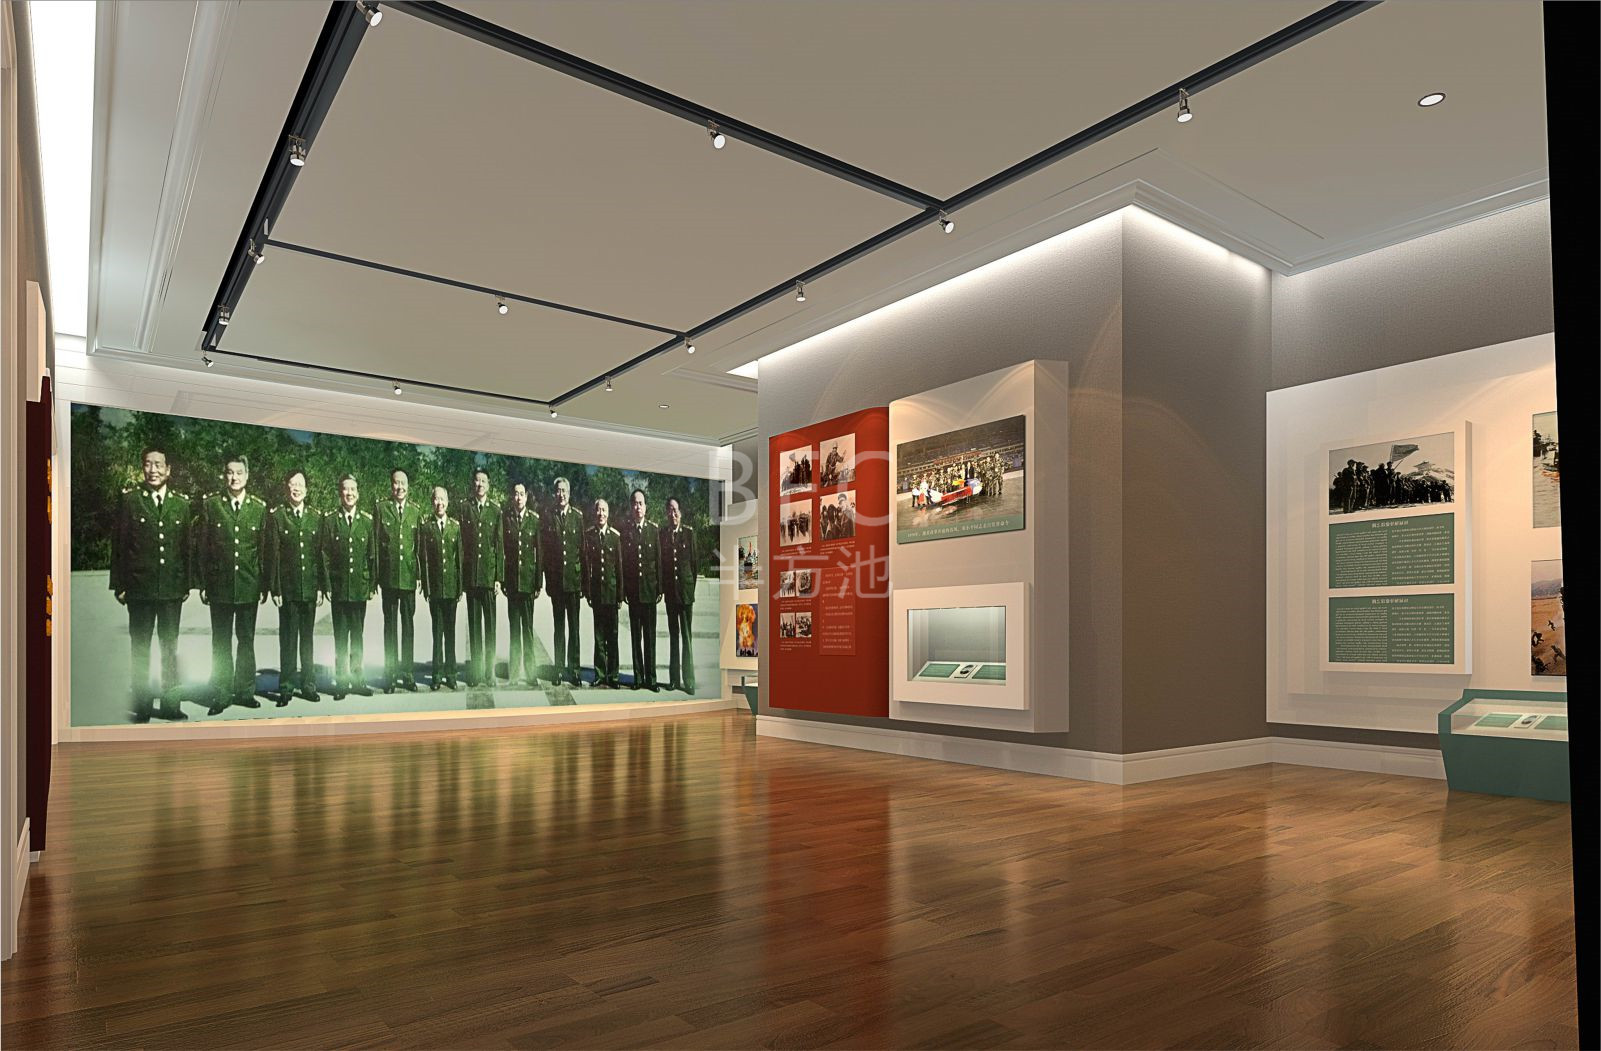 党建党群服务中心展厅的设计应凸显的特点